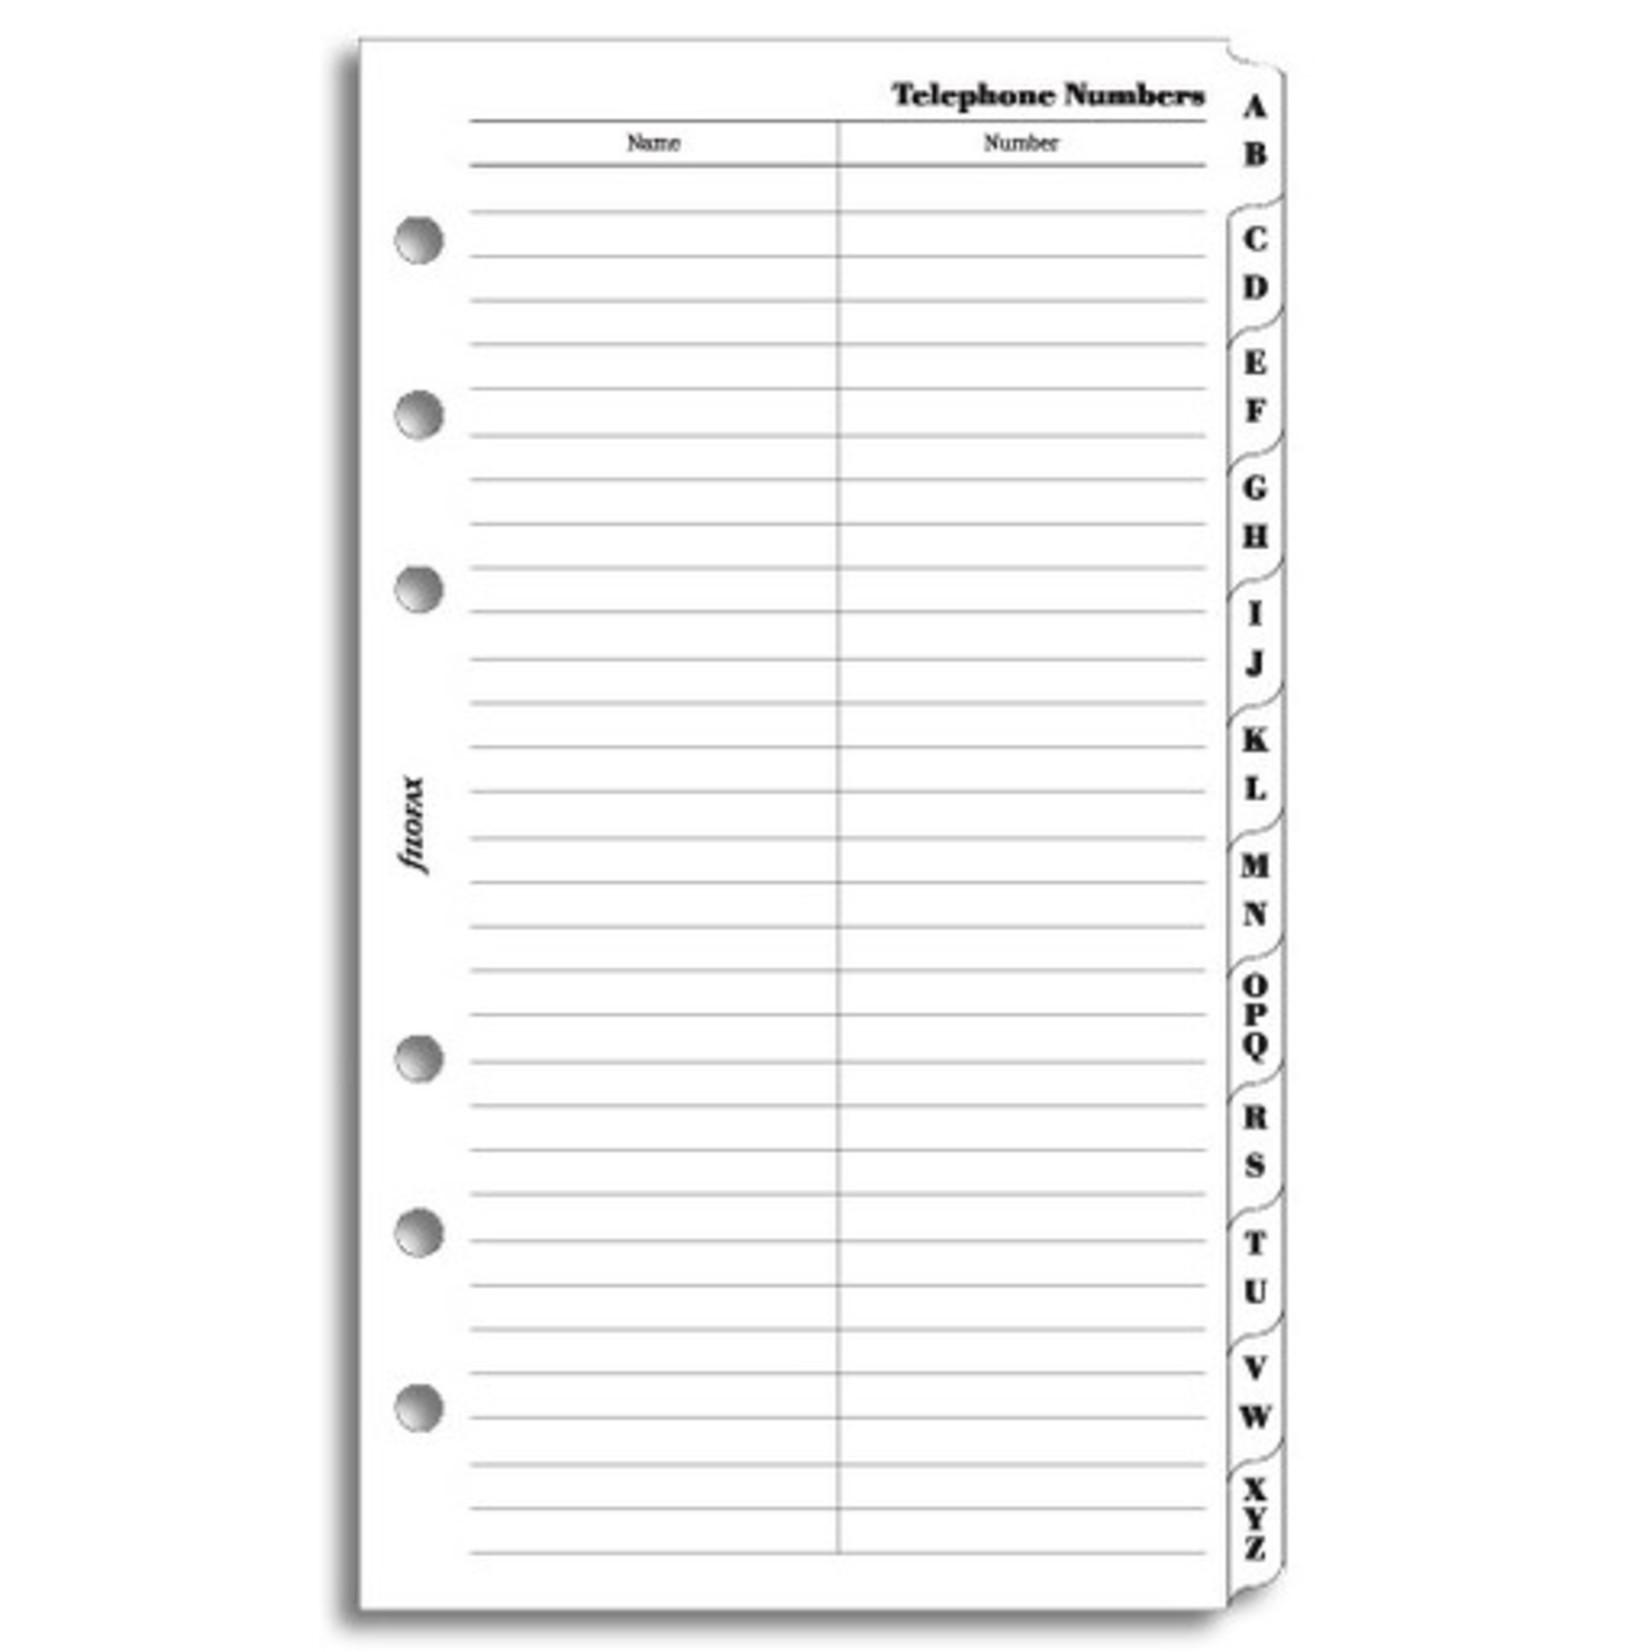 Filofax Filofax Einlage Personal, Slimline Telefonverzeichnis A-Z, 2 Buchstaben, weiß